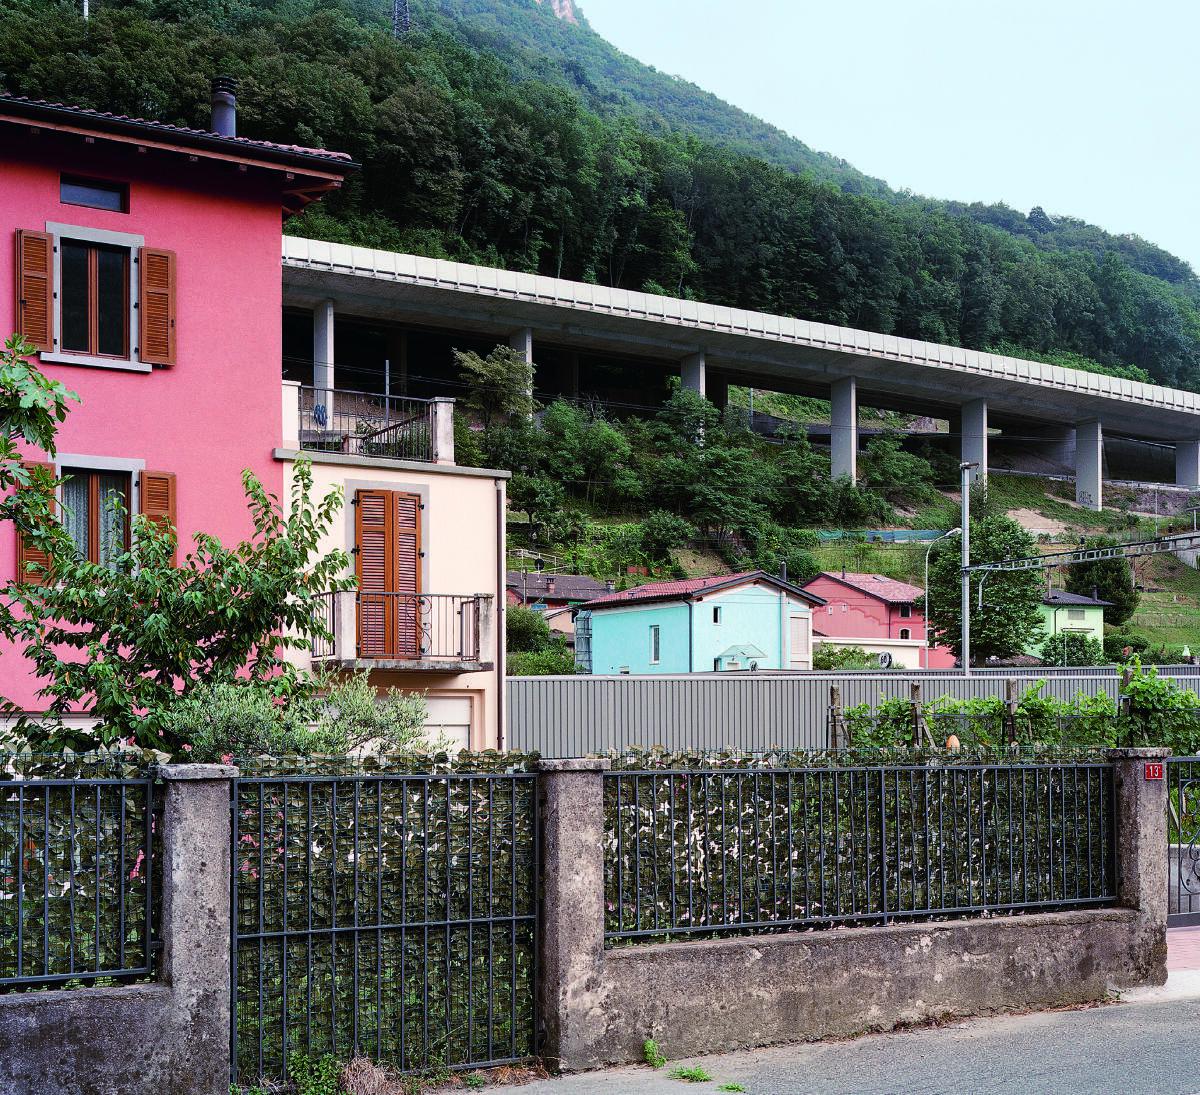 Capolago, Tessin © Gian Paolo Minelli